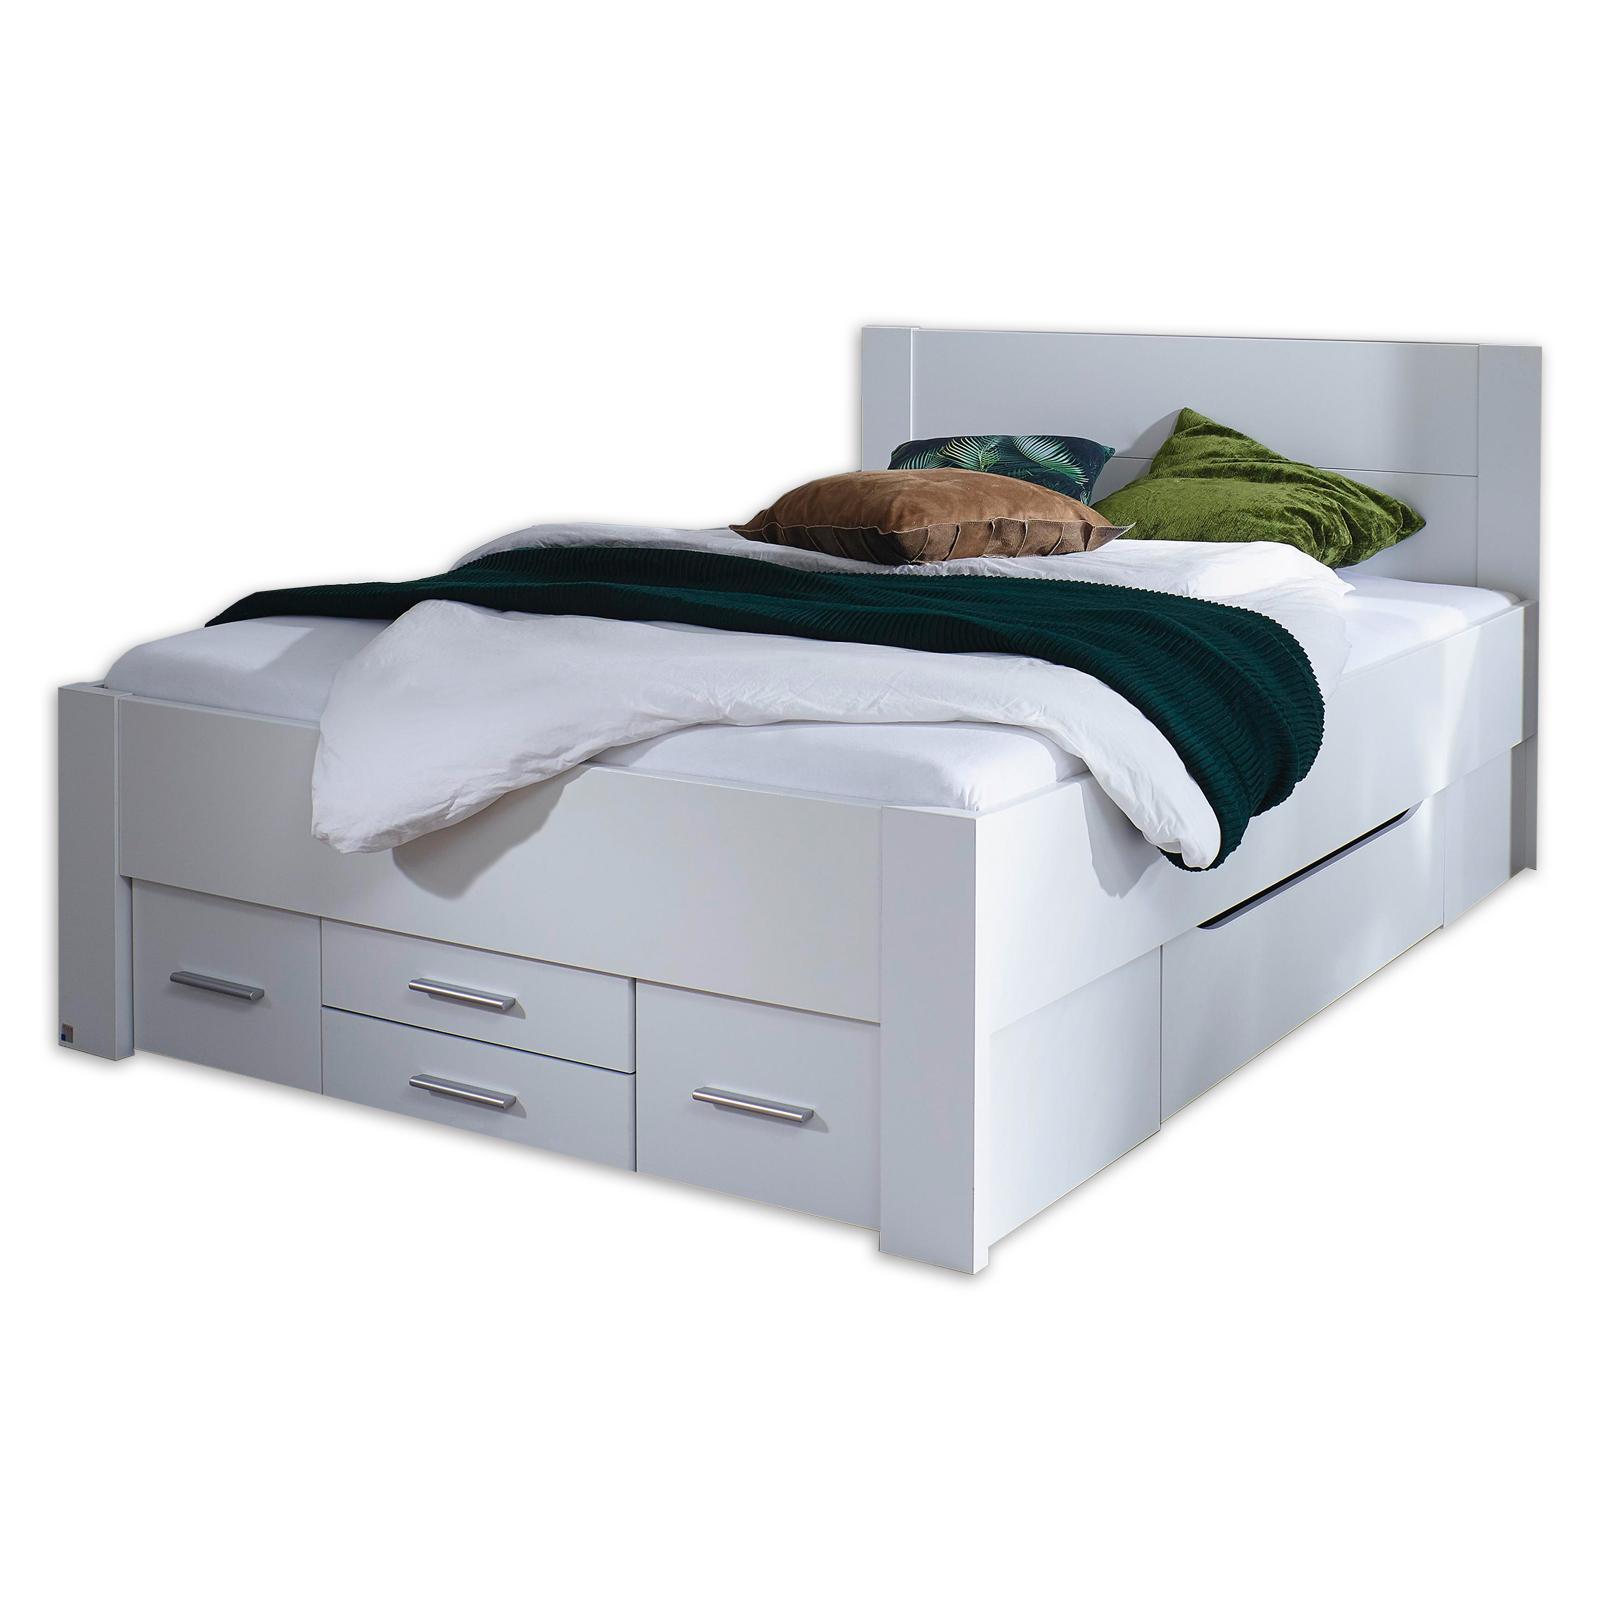 Full Size of Bett 140x200 Weiß Bettgestell Alpinwei 6 Schubksten Cm Online Bei Schwarz 90x200 120x200 Betten Test Xxl Bock 140 X 200 Französische Für übergewichtige Bett Bett 140x200 Weiß